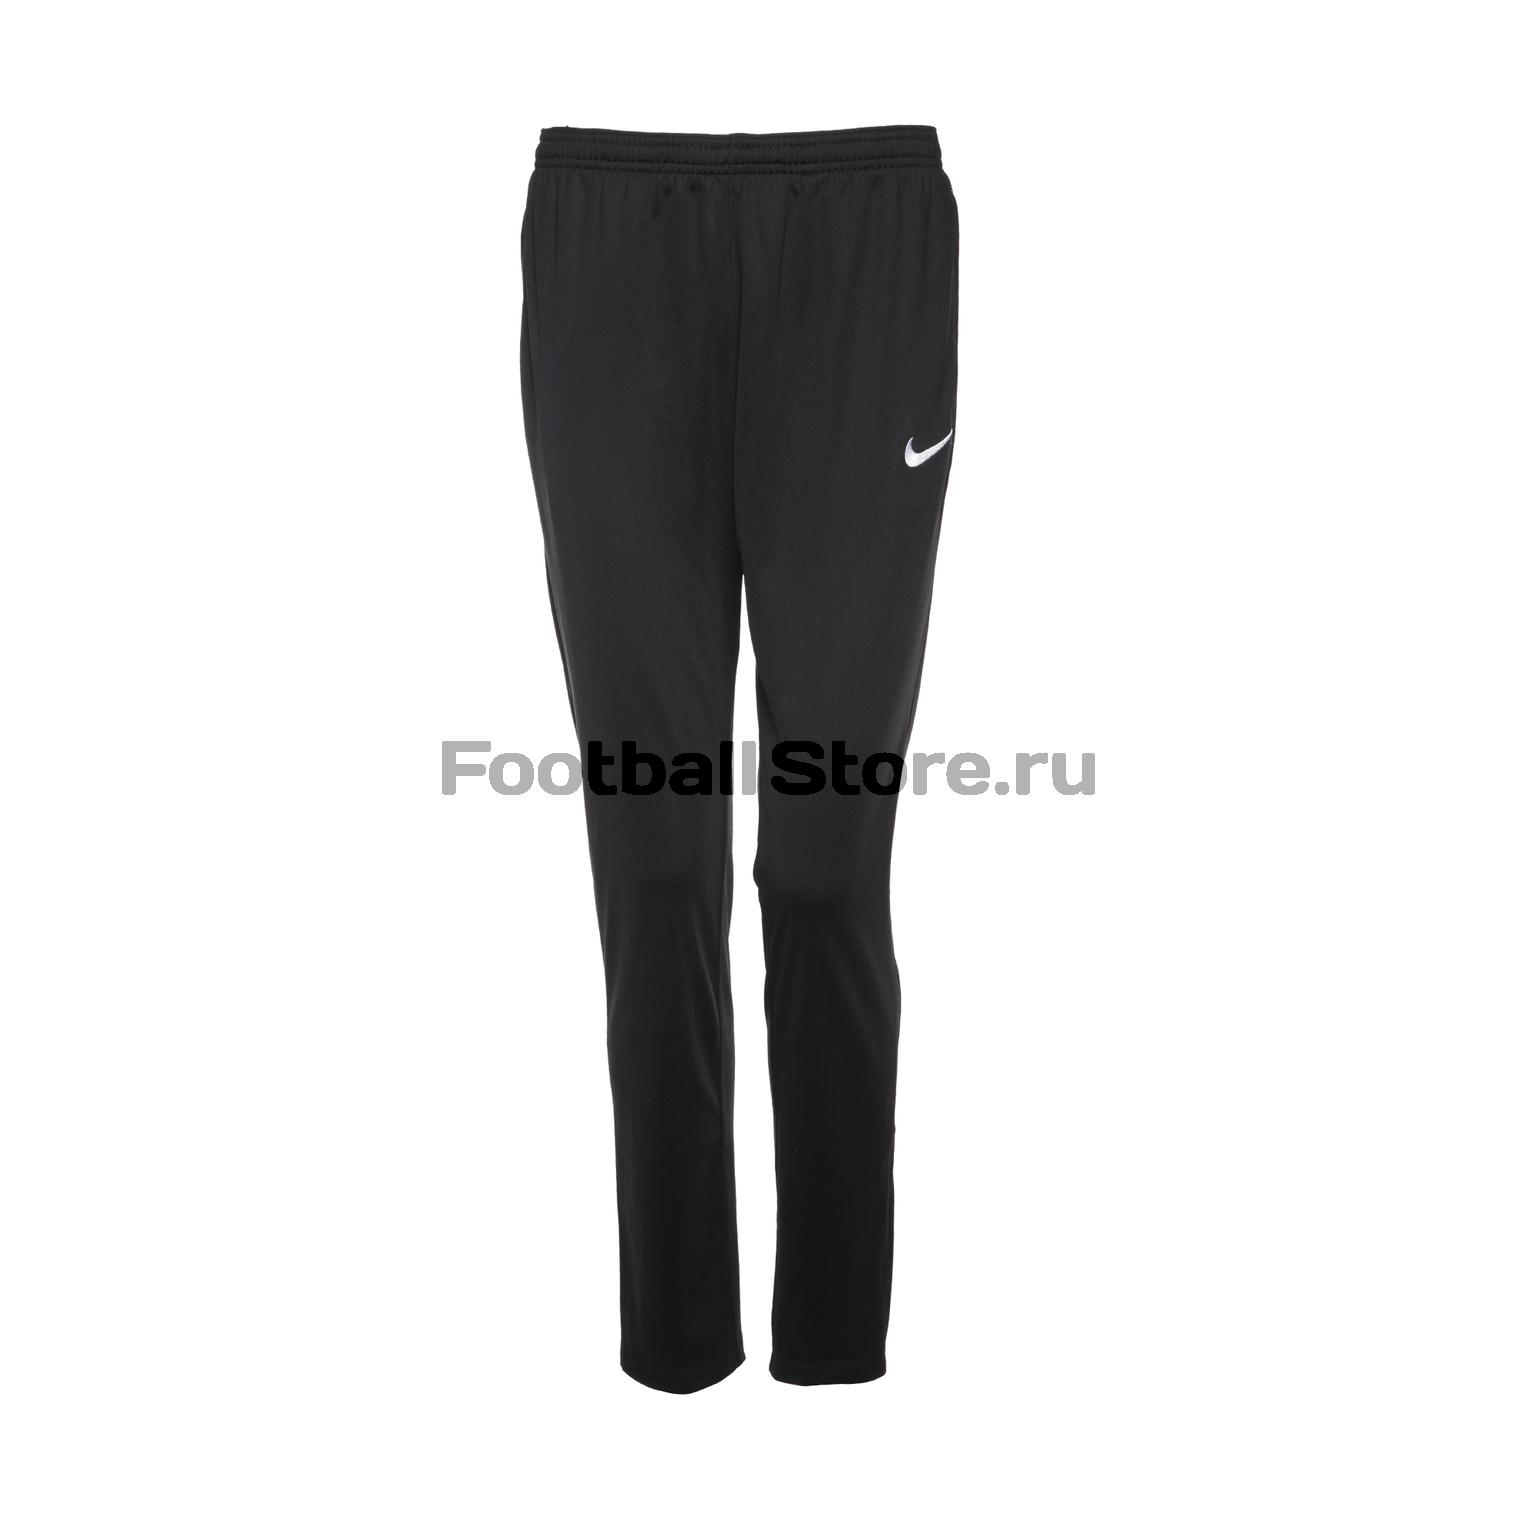 97332a2c Брюки тренировочные женские Nike Dry Academy18 Pant 893721-010 – купить в  интернет магазине footballstore, цена, фото